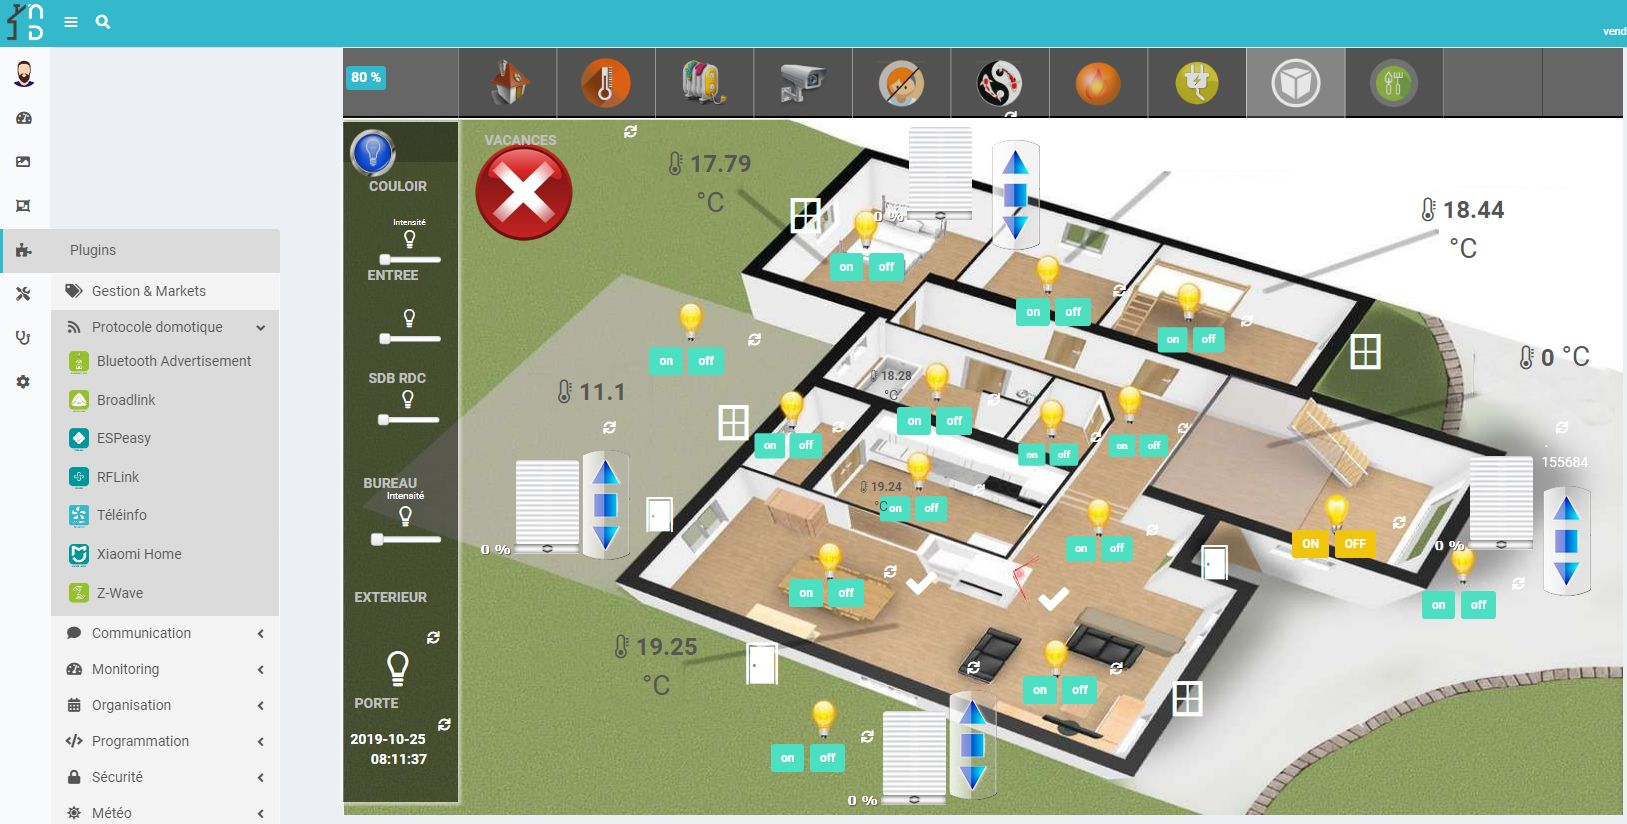 nextdom-19 NextDom, une solution domotique ouverte et libre !